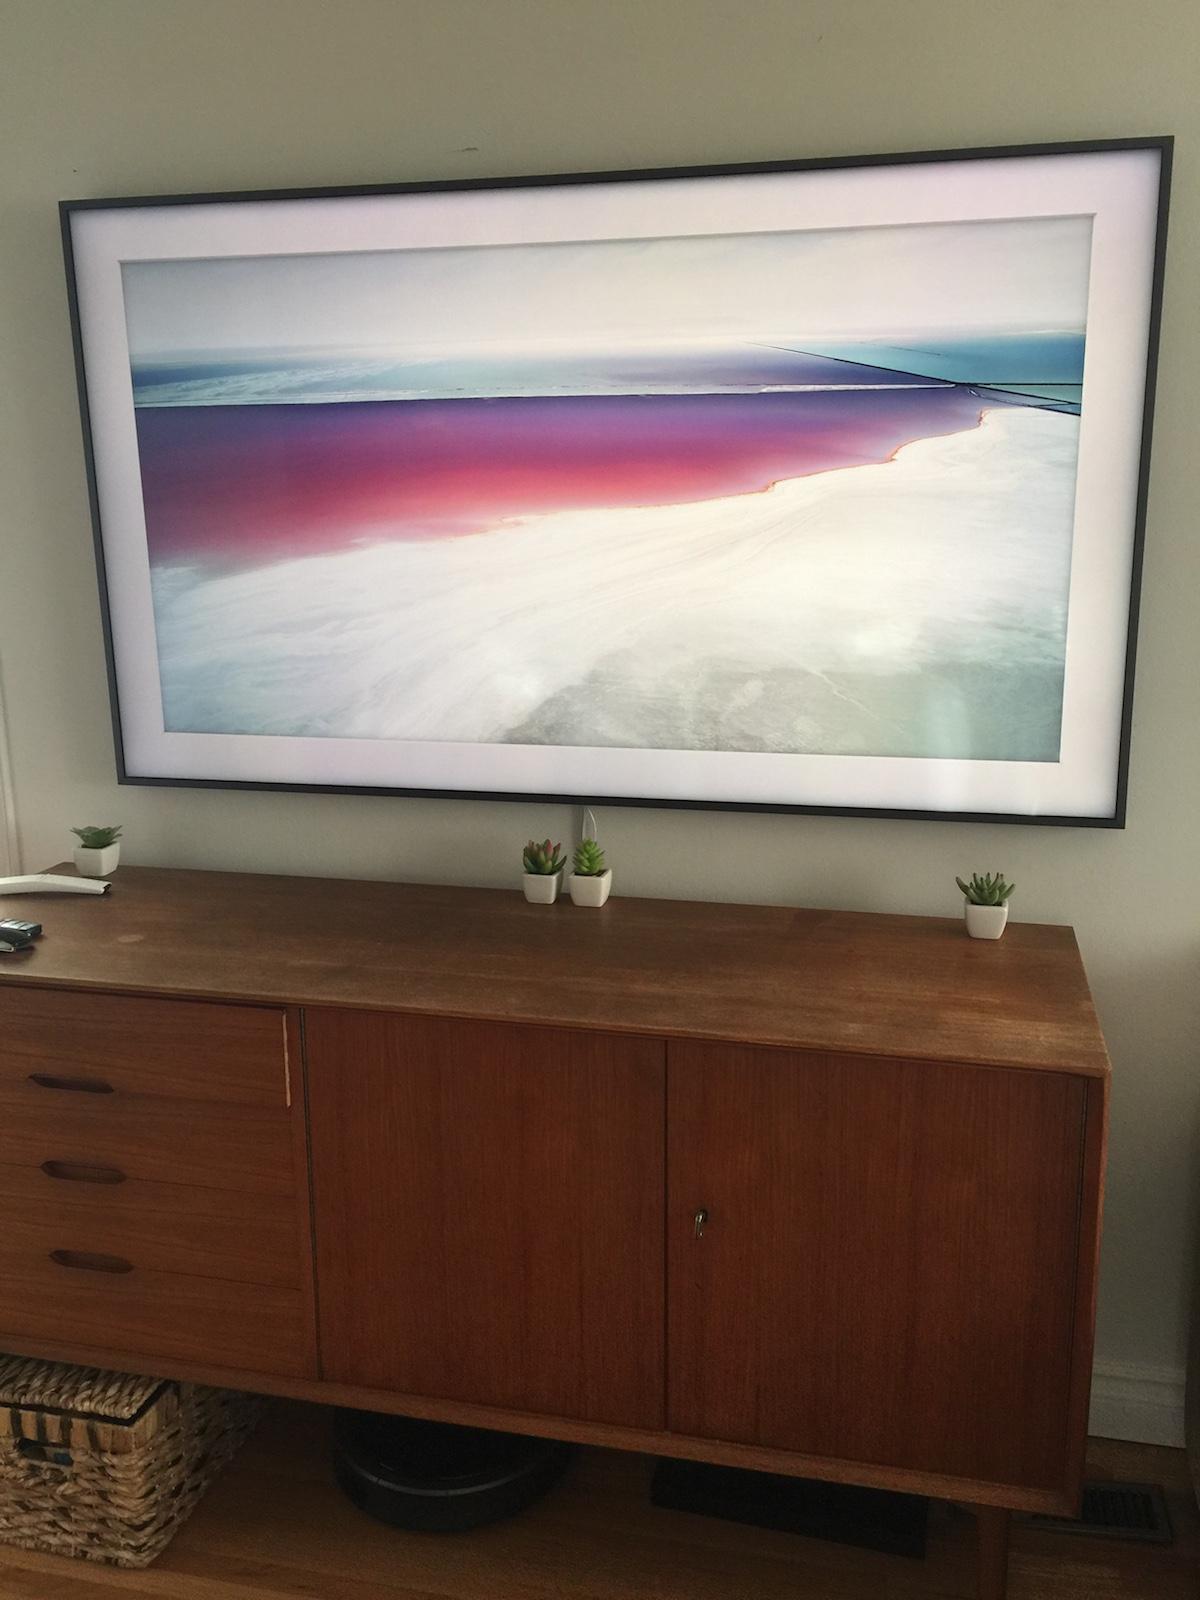 Comment Cacher Fils Tv Murale Évaluation du téléviseur le cadre de samsung - blogue best buy